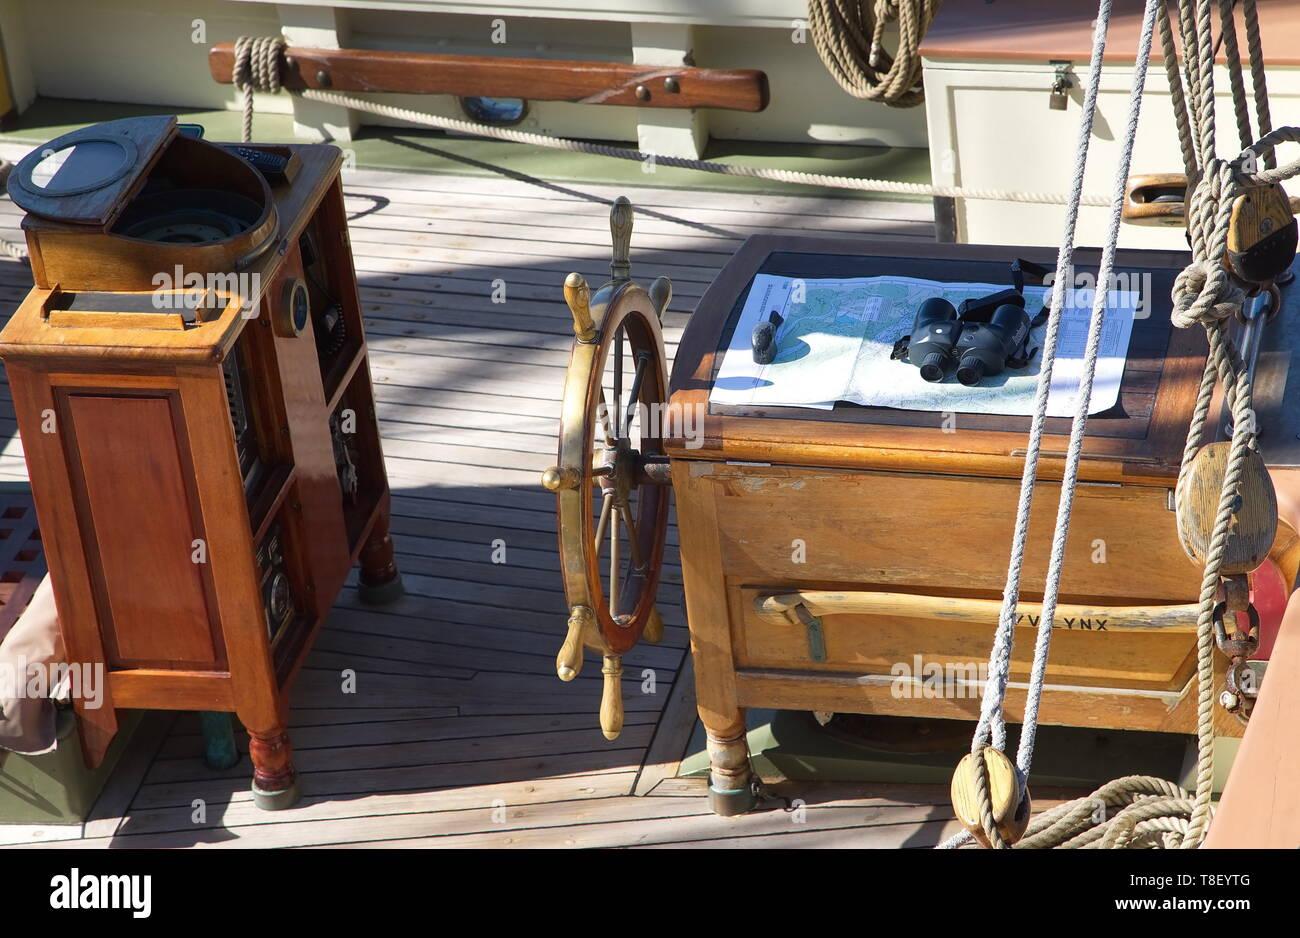 Charts at Ship's Wheel - Stock Image